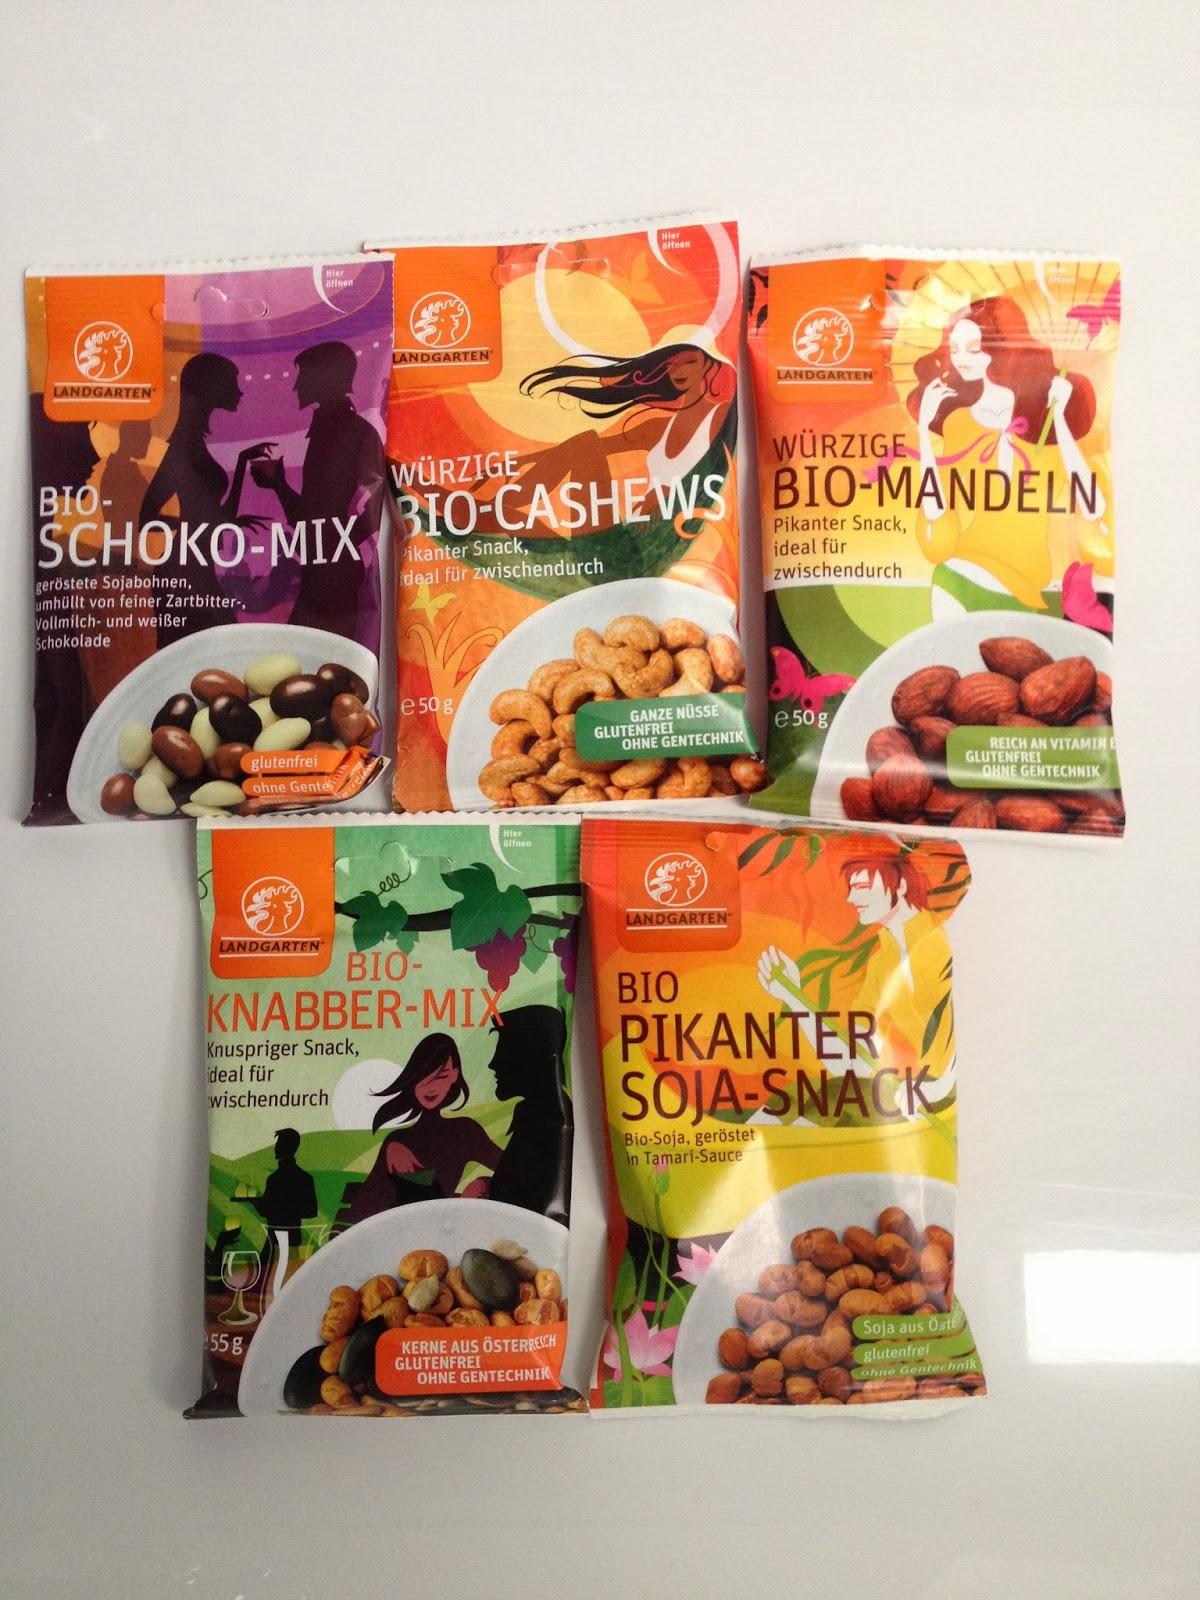 würzige Bio-Mandeln; würzige Bio-Cashews, Bio-Schoko-Mix; Bio pikanter Soja-Snack; Bio-Knabber-Mix